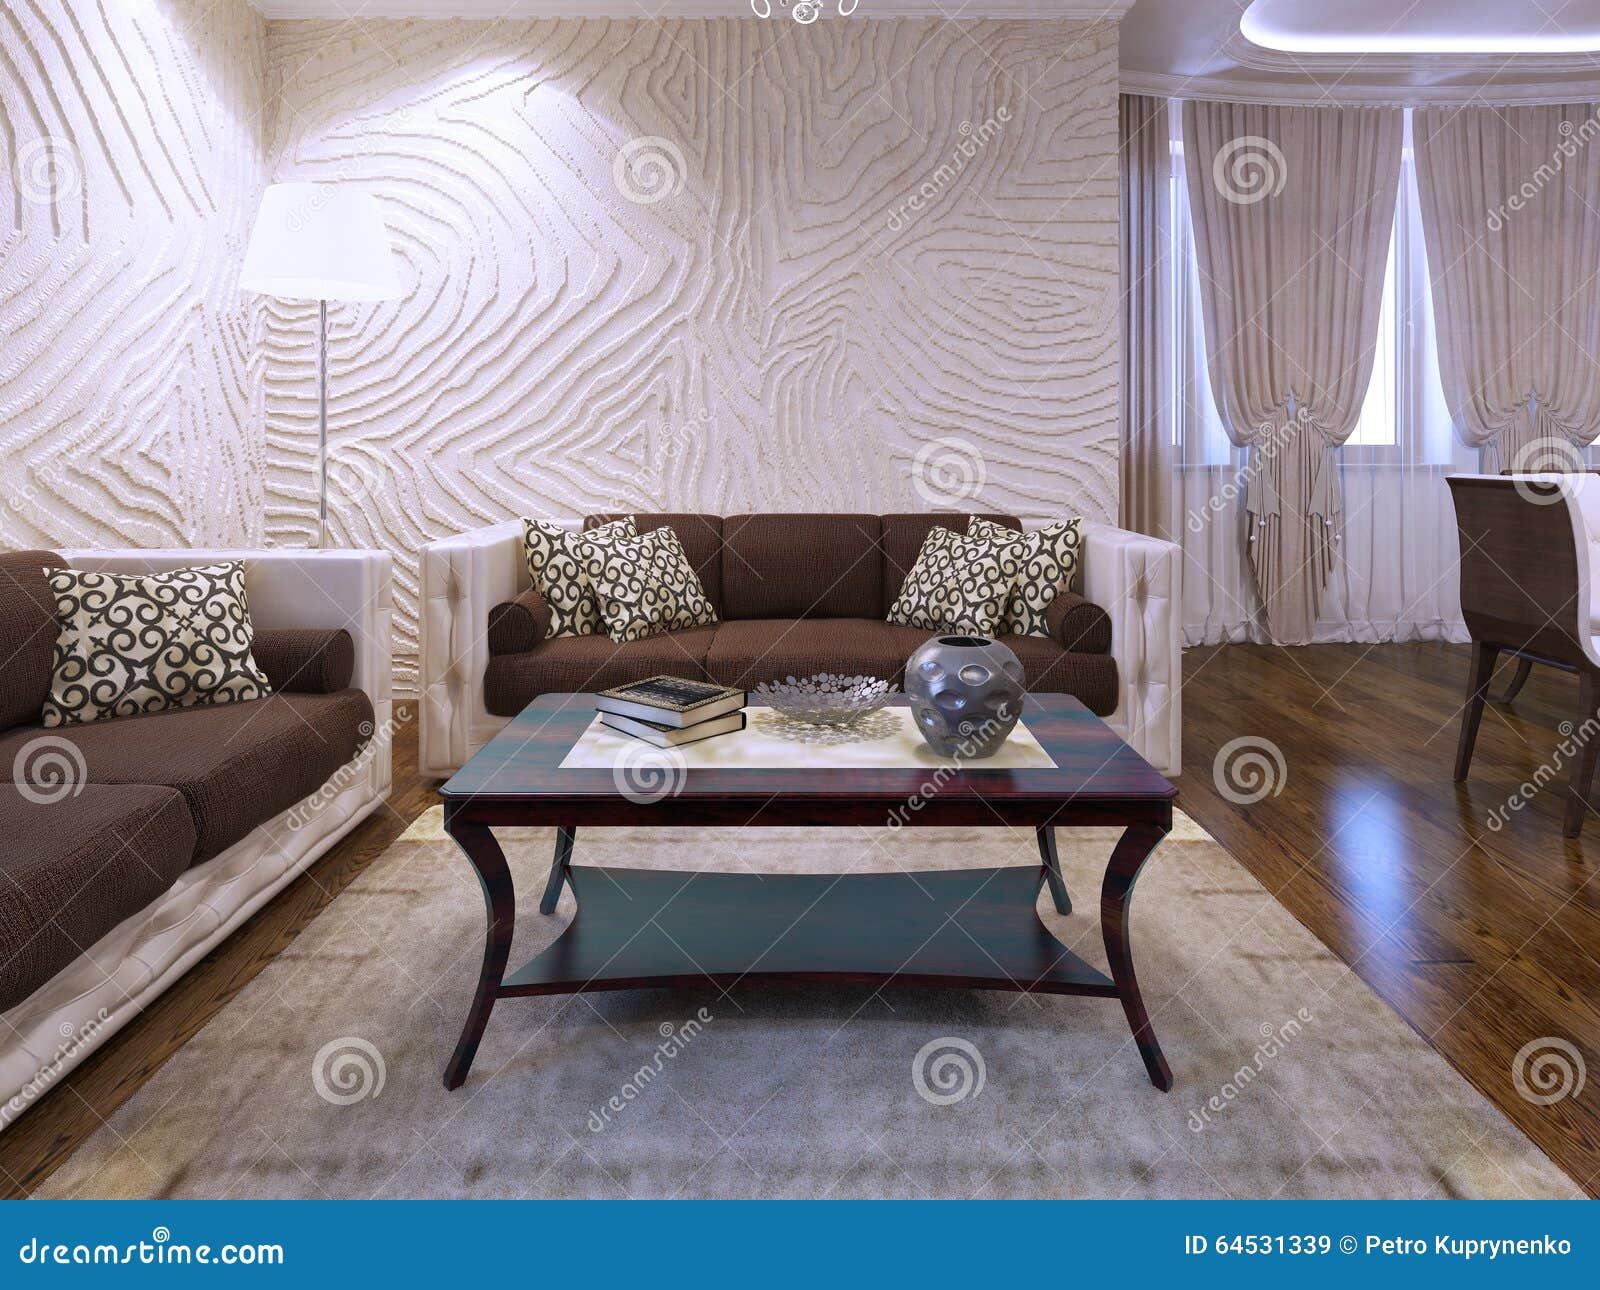 Schone Braune Mobel Im Wohnzimmer Stockbild Bild Von Wohnung